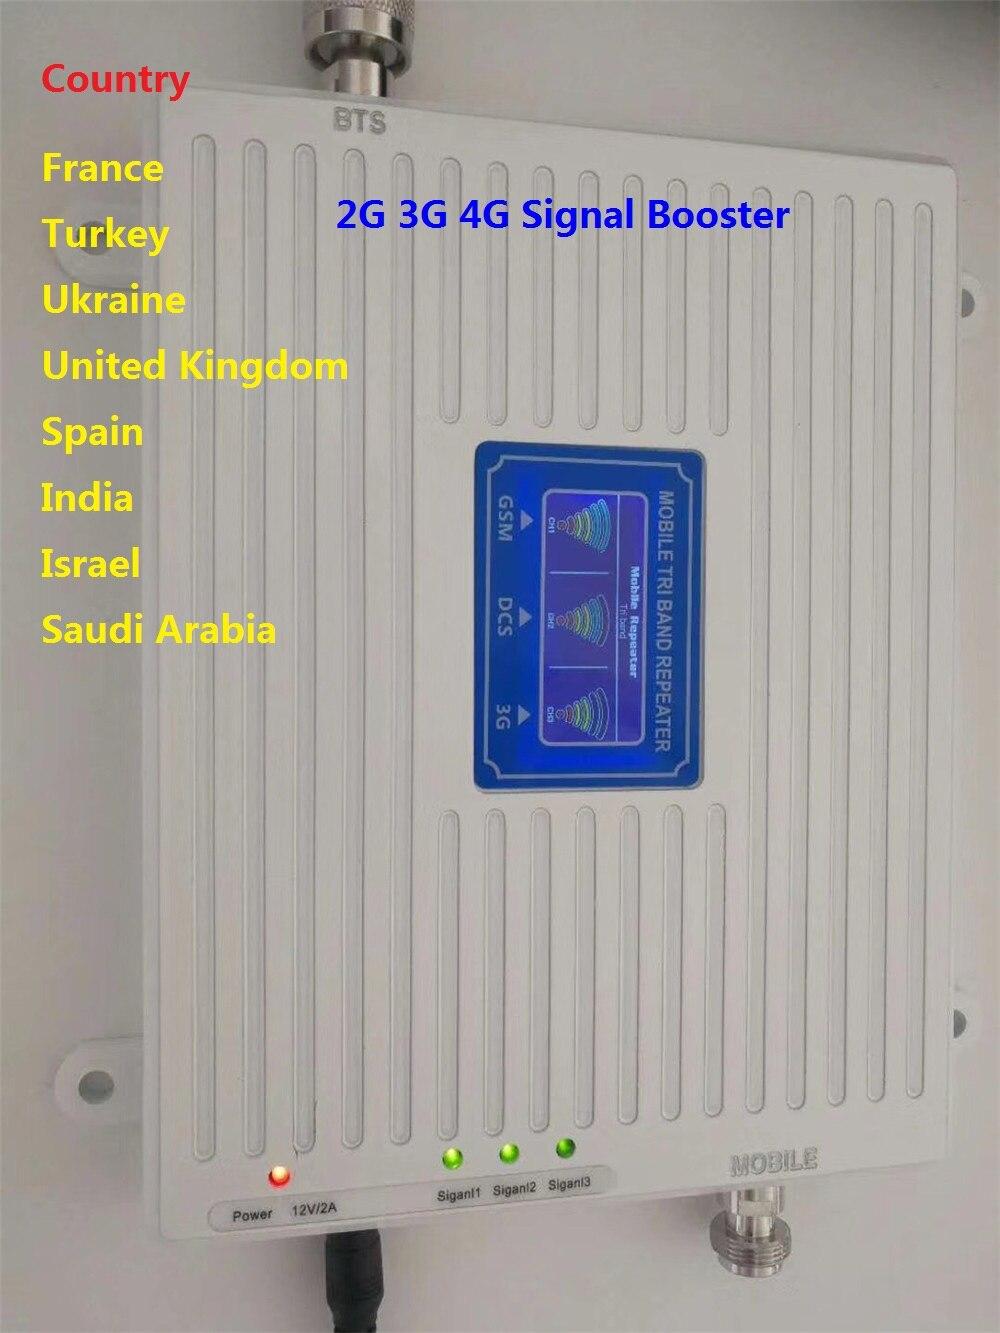 Amplificateur de Signal GSM 900 mhz LTE 1800 mhz UMTS 2100 mhz 2g 3g 4g Tri-Bande Mobile cellulaire Téléphone Signal Booster mobile Répéteur de signal